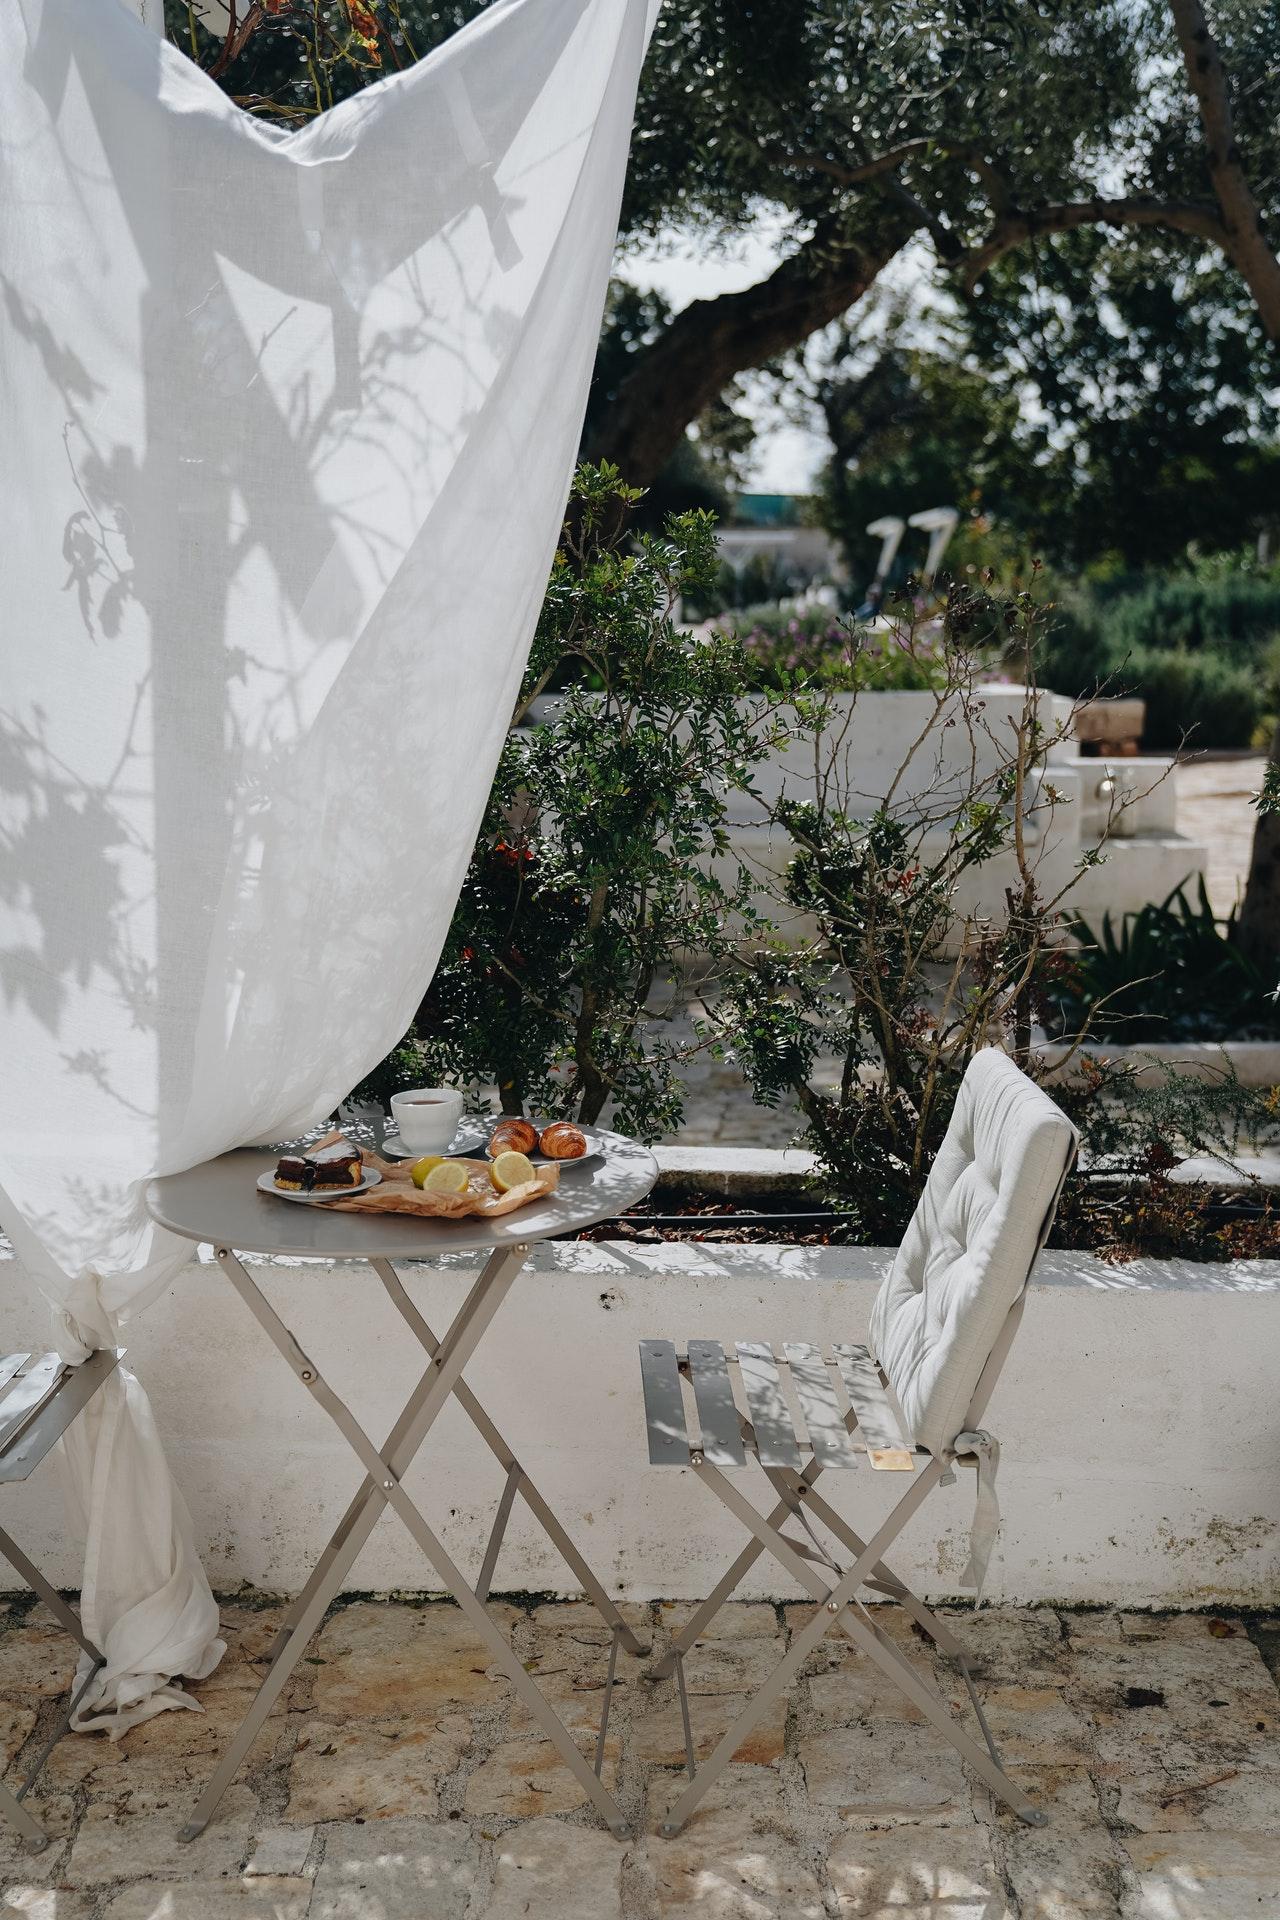 agriturismi in Puglia – Laterradipuglia.it